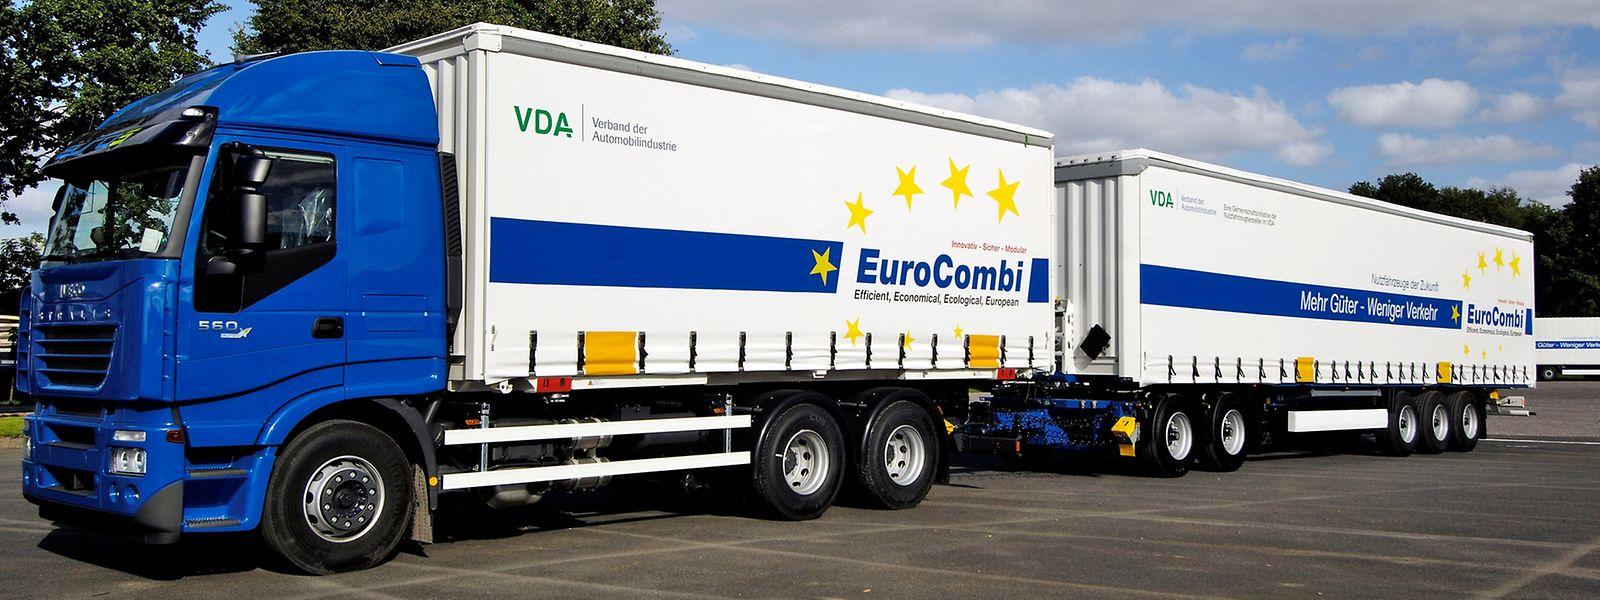 Aux Pays-Bas, près de 2.000 camions de la sorte sont en circulation. Au Grand-Duché... aucun.